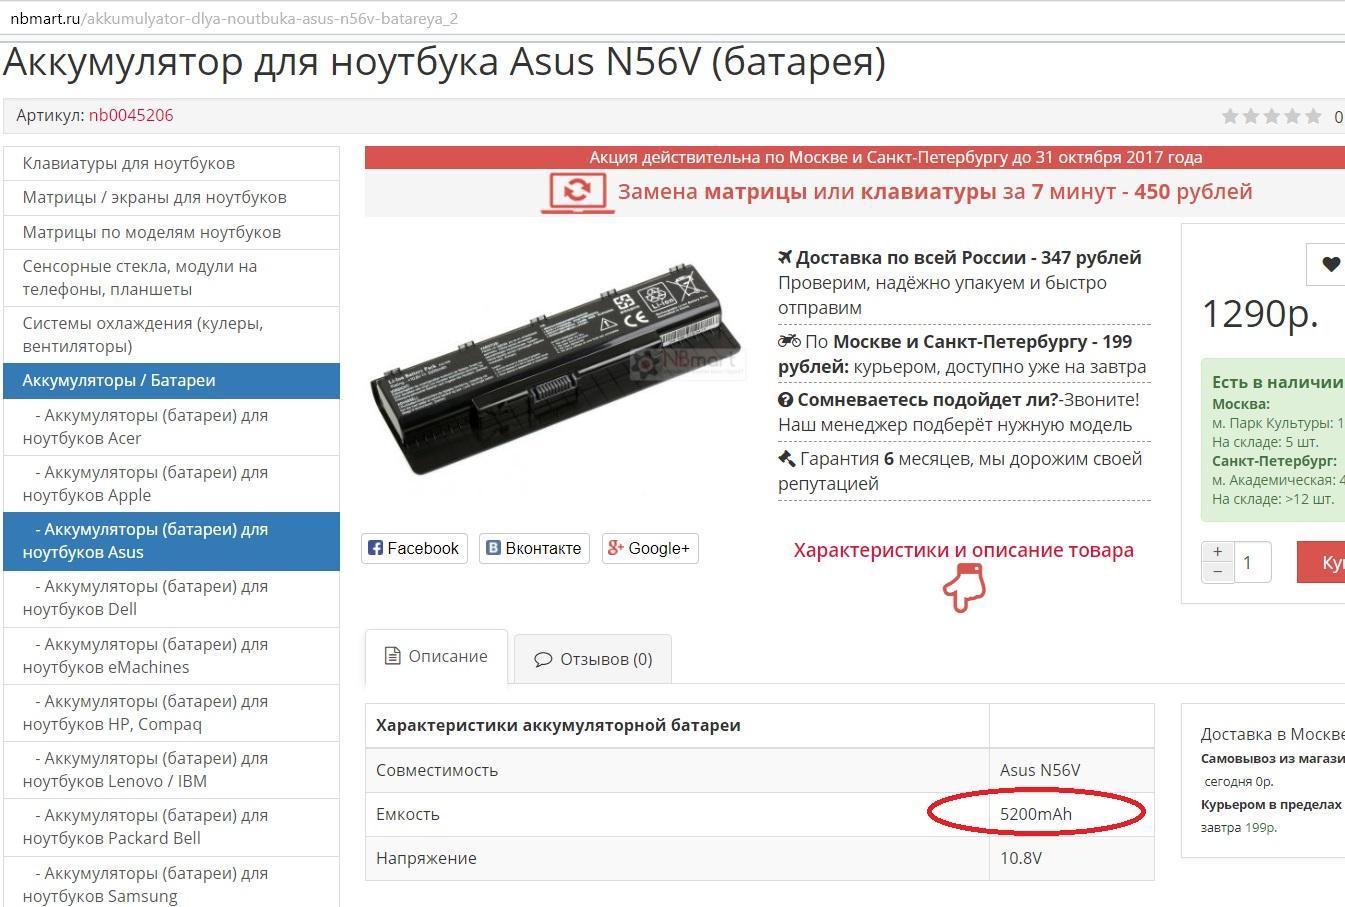 nbmart.ru